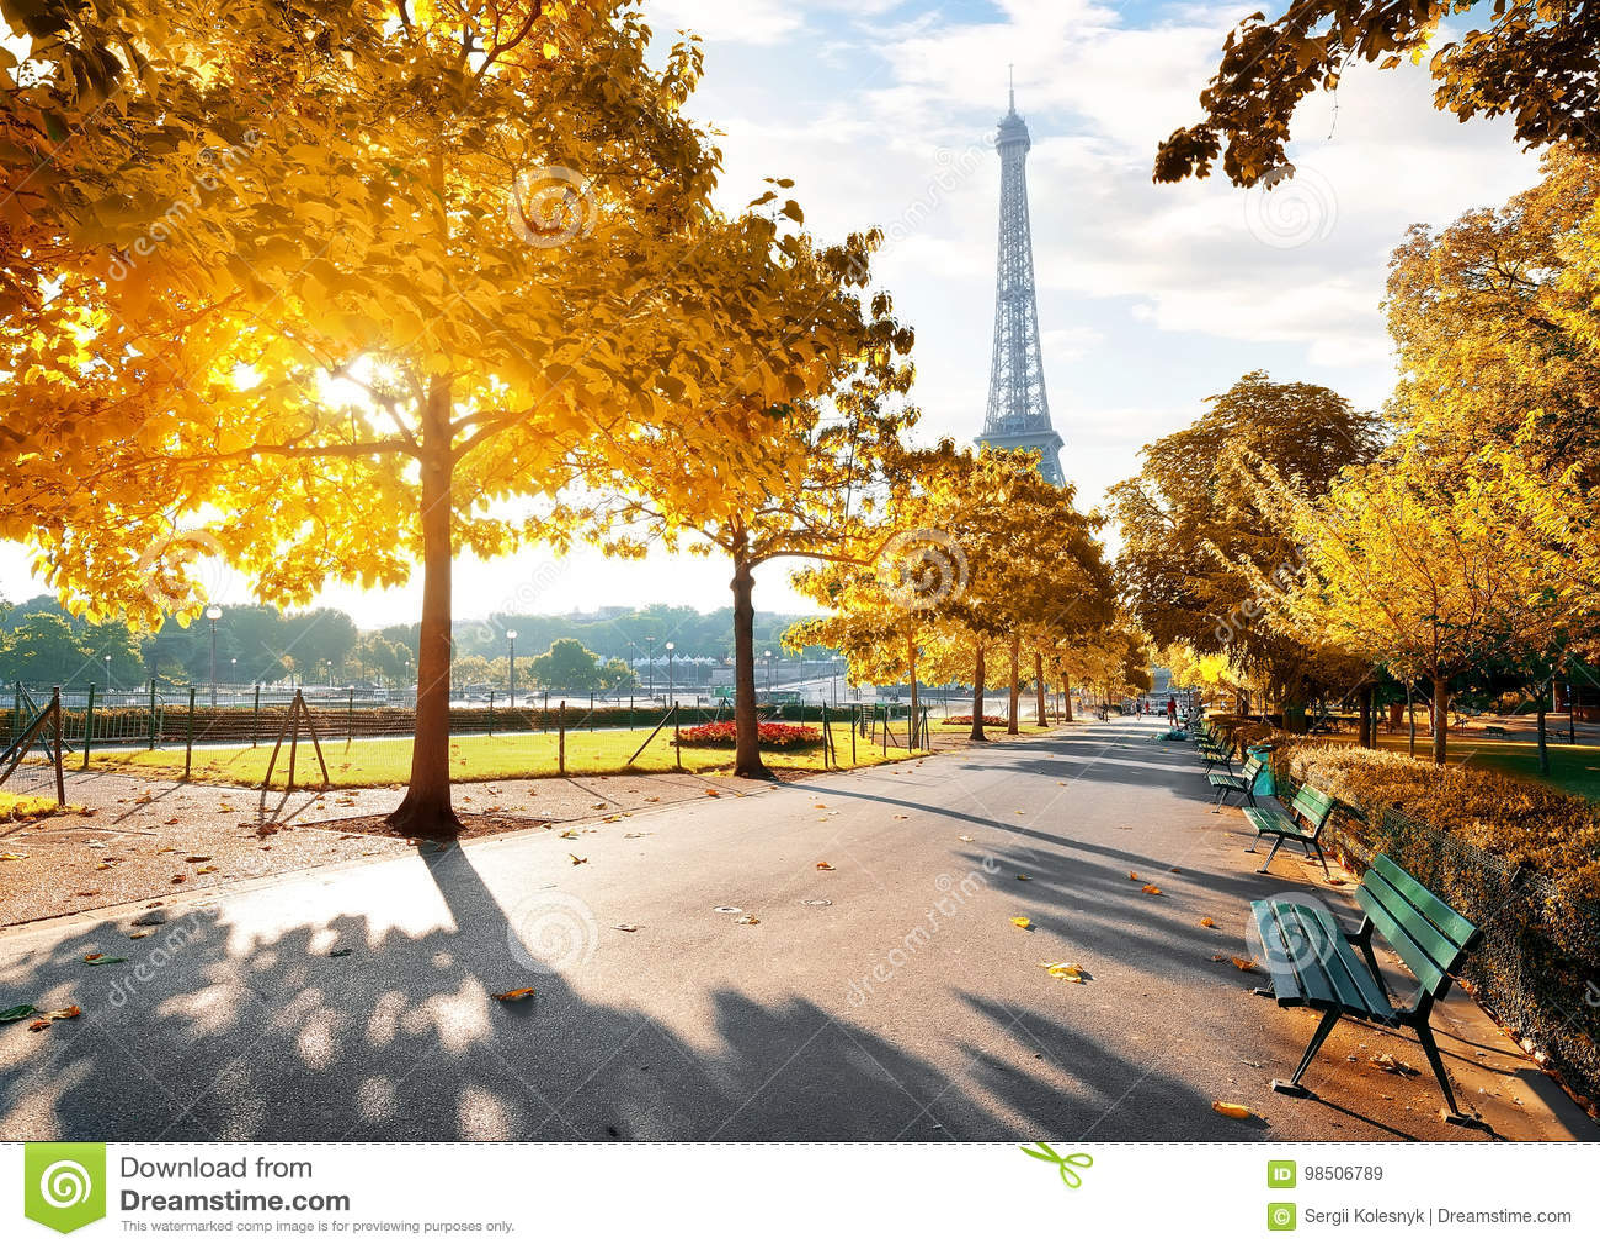 Sonniger Morgen in Paris im Herbst